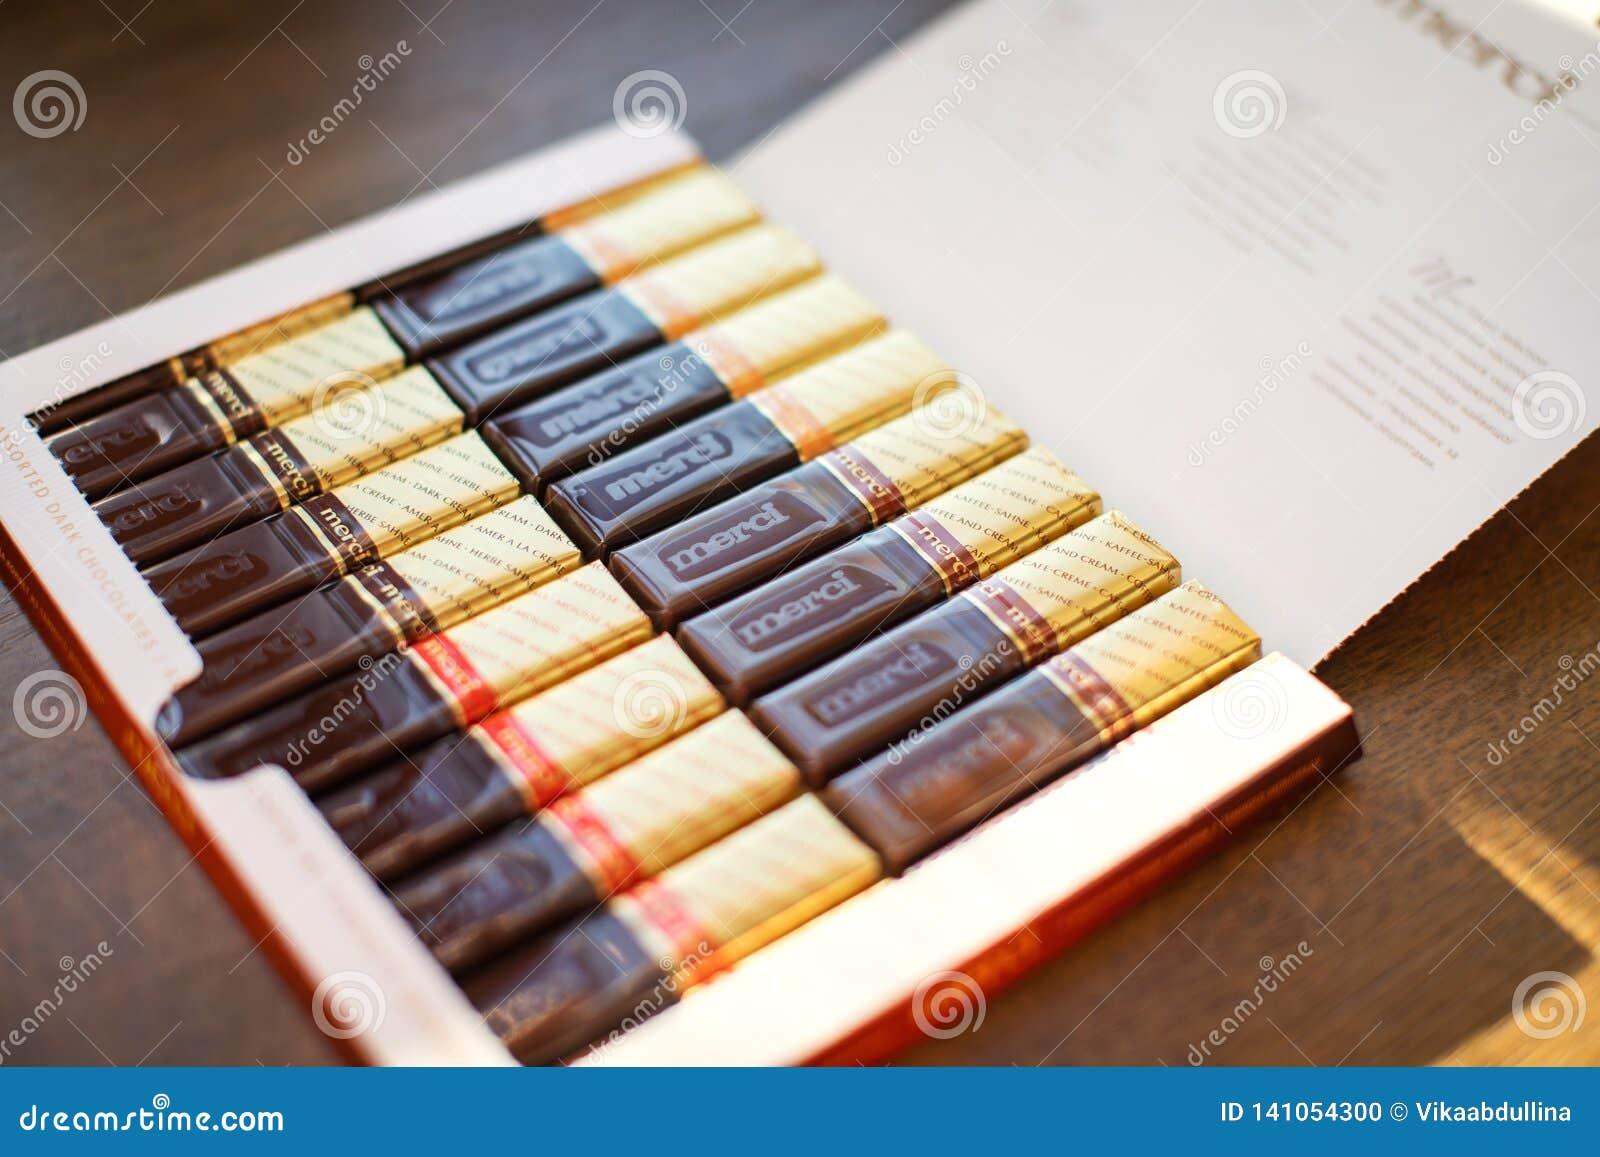 梅尔奇巧克力-德国公司制造的巧克力糖品牌8月Storck,卖在70多个国家